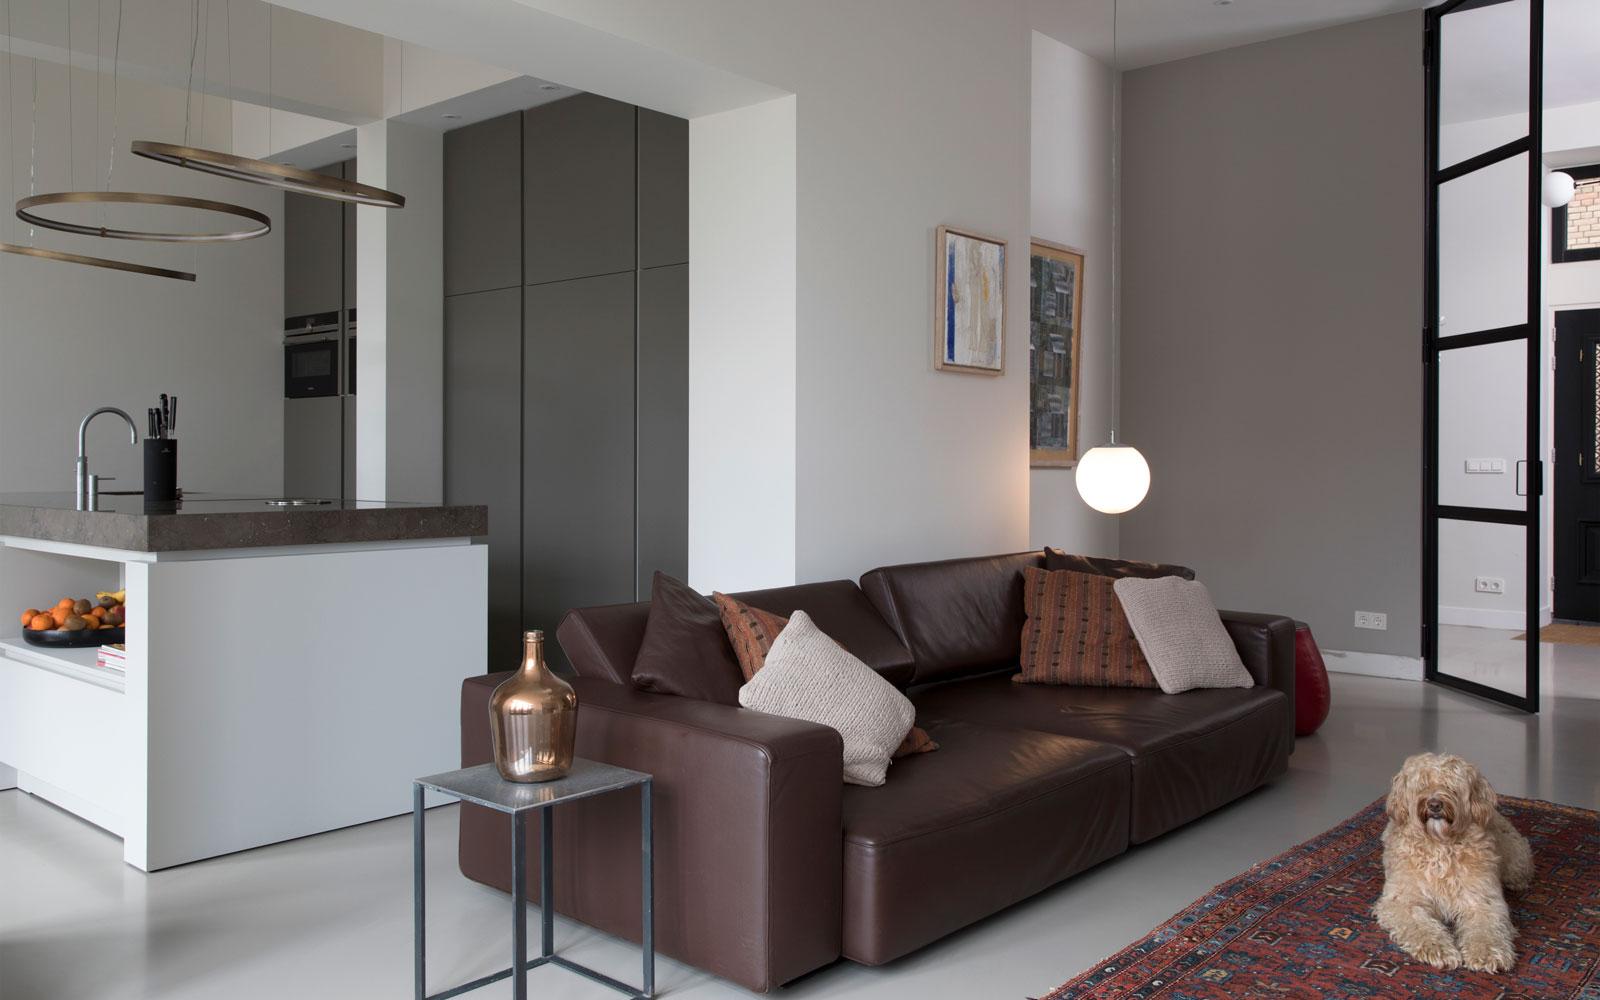 Verblijf voor euro p p per nacht in dit stijlvolle appartement